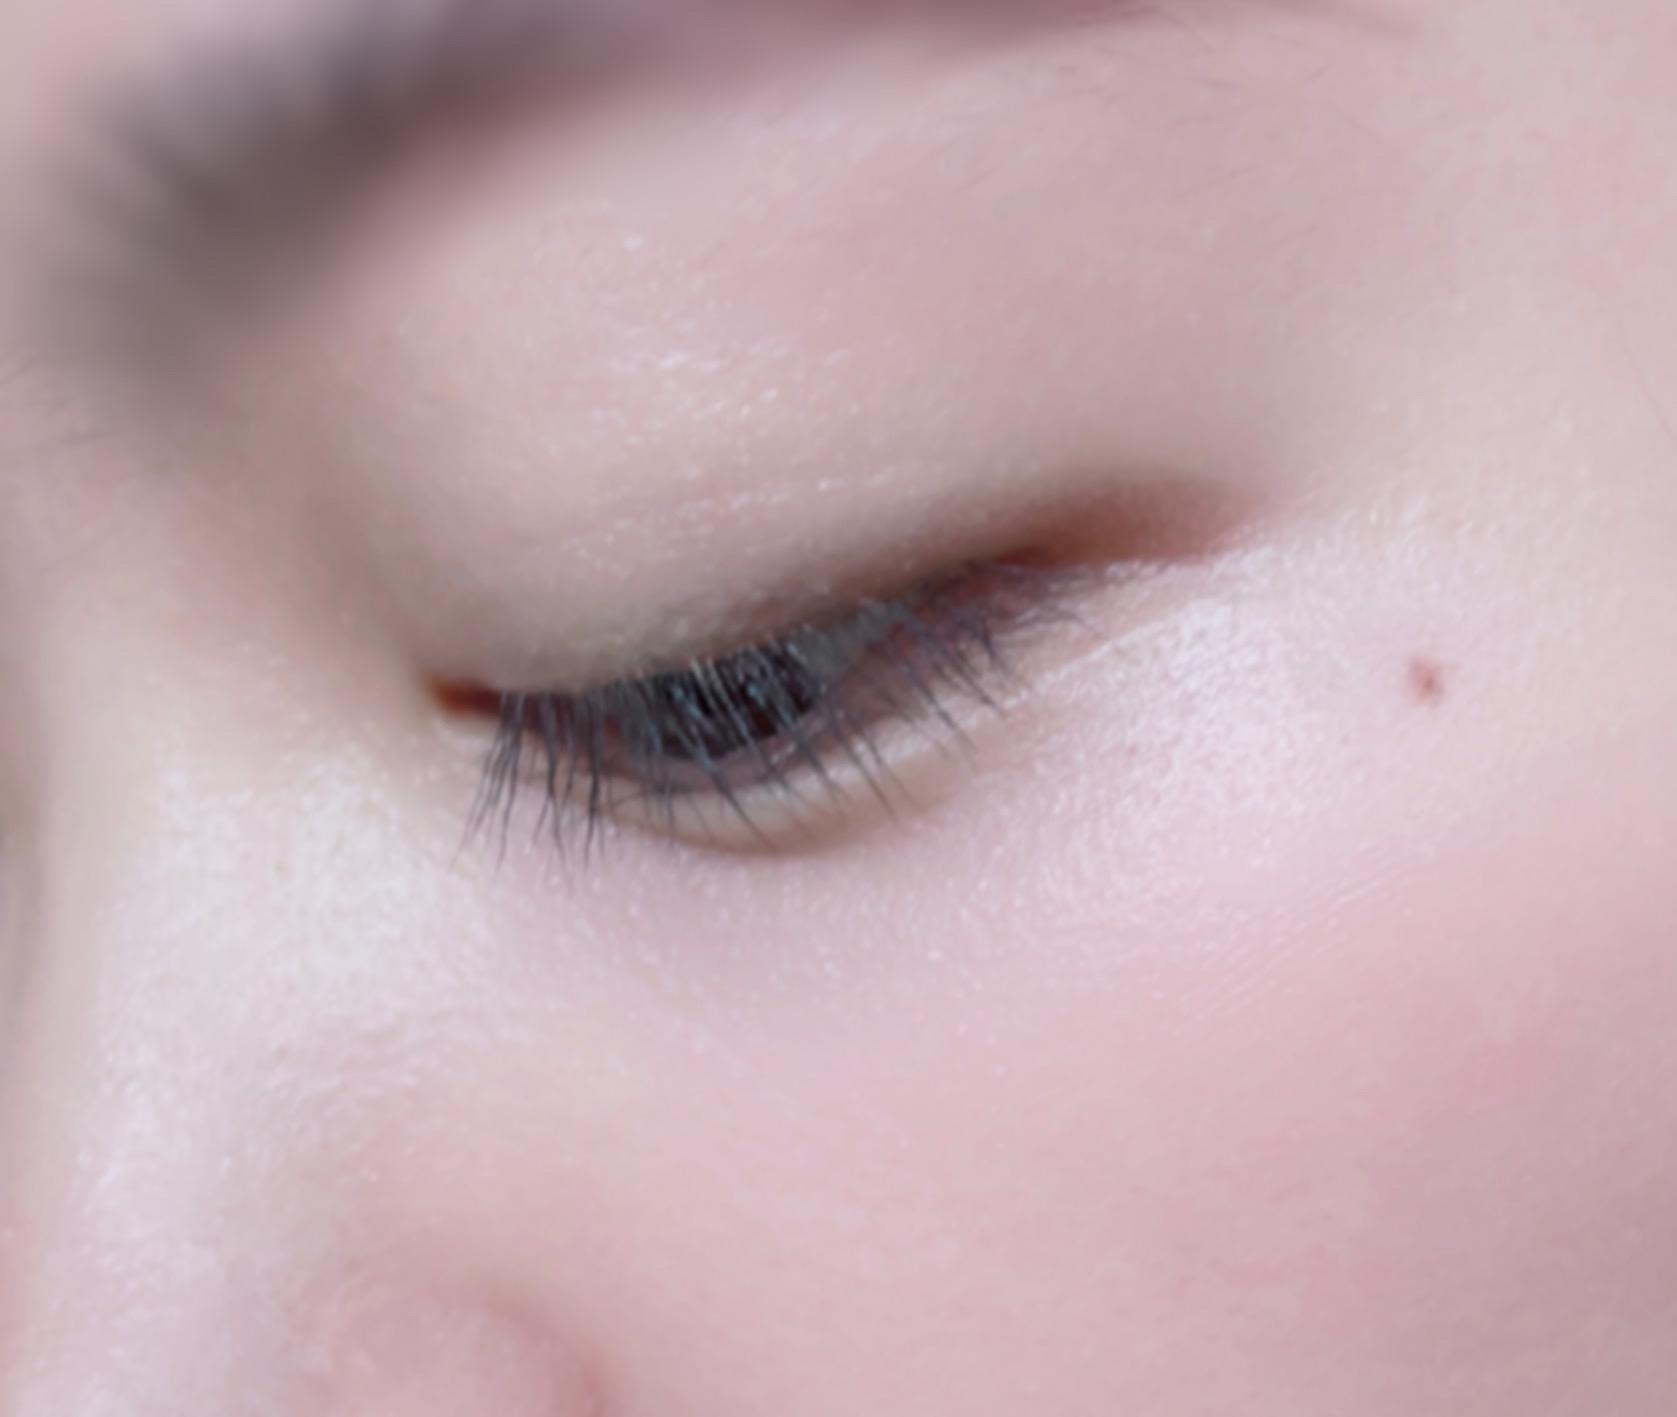 Borica(ボリカ) 美容液マスクプライマーの良い点・メリットに関するあひるさんの口コミ画像3